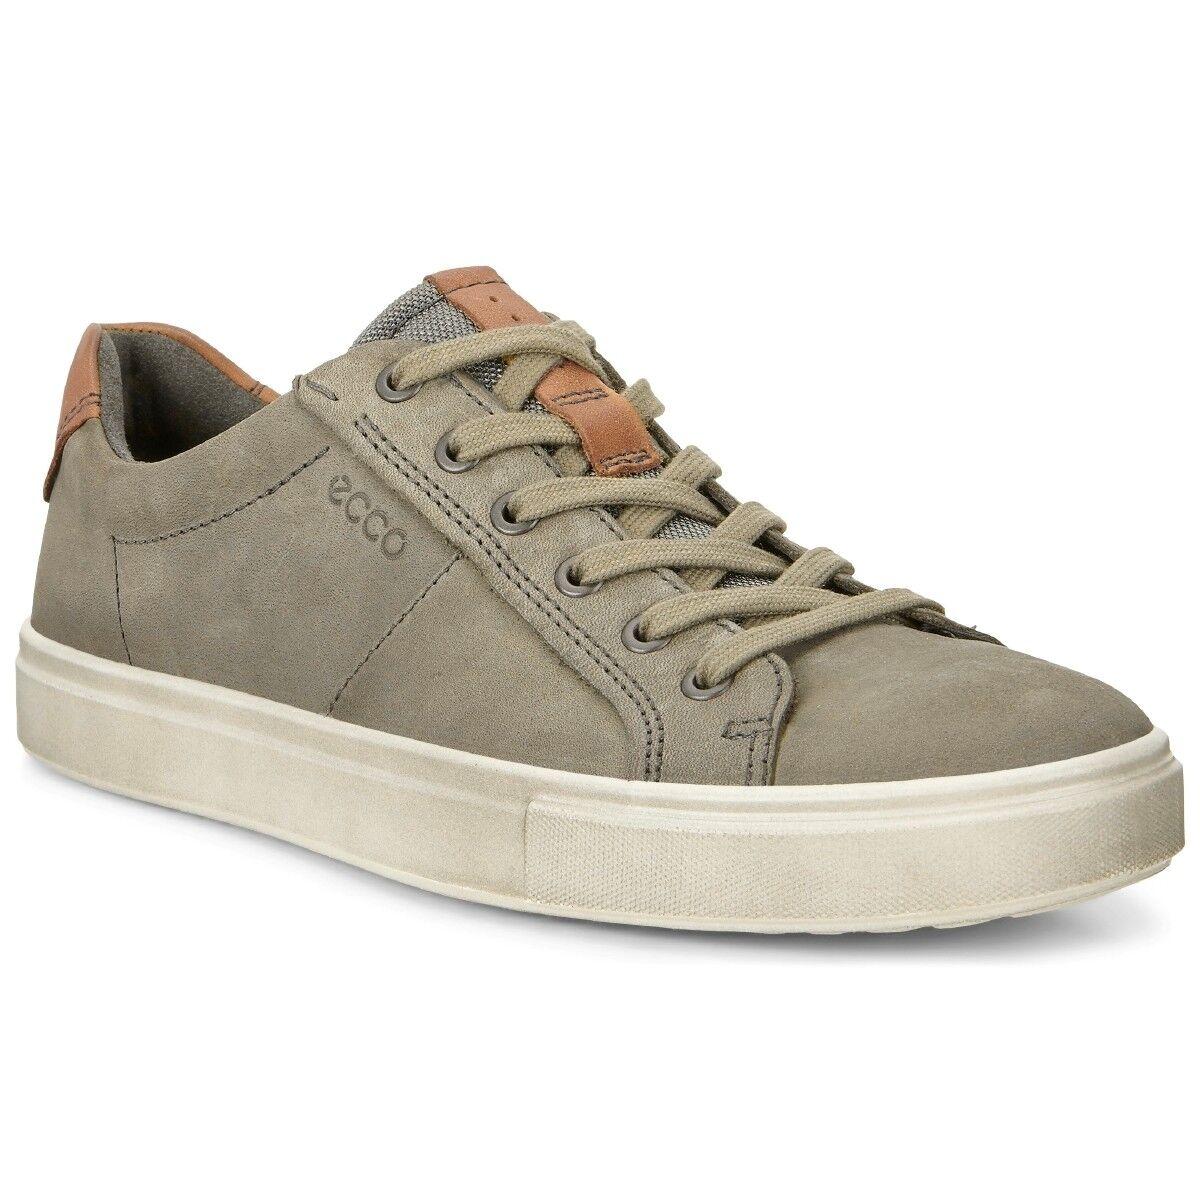 Ecco Kyle Men Schuhe Herren Sneaker Leder Halbschuhe brown Biom 530734-02114